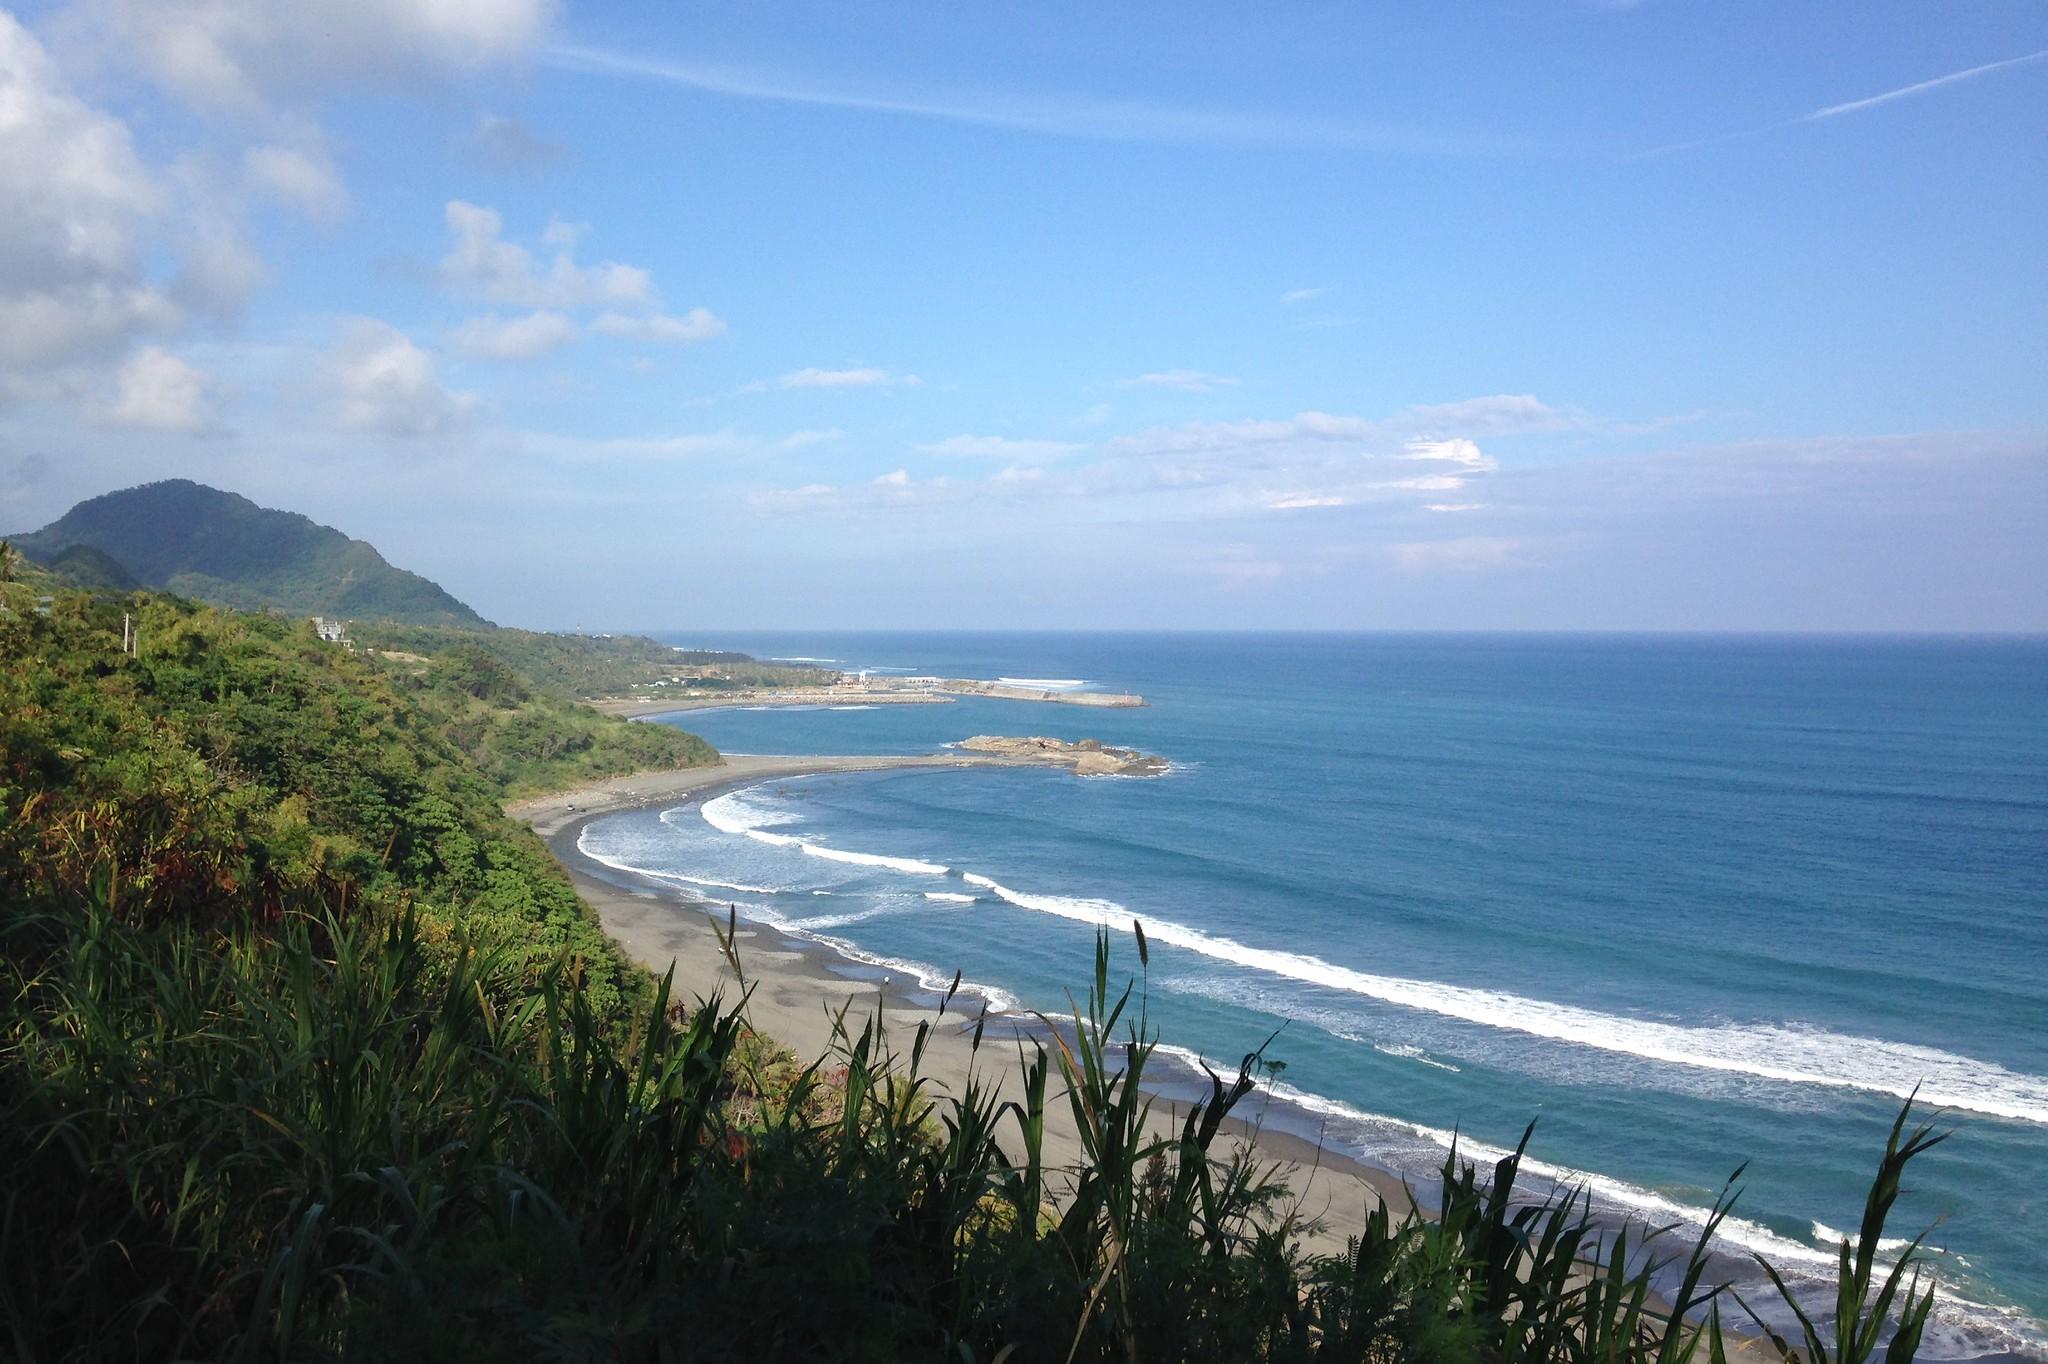 東海岸美麗的景緻,思考開發之餘,應先善盡環境永續責任。攝影:廖靜蕙。